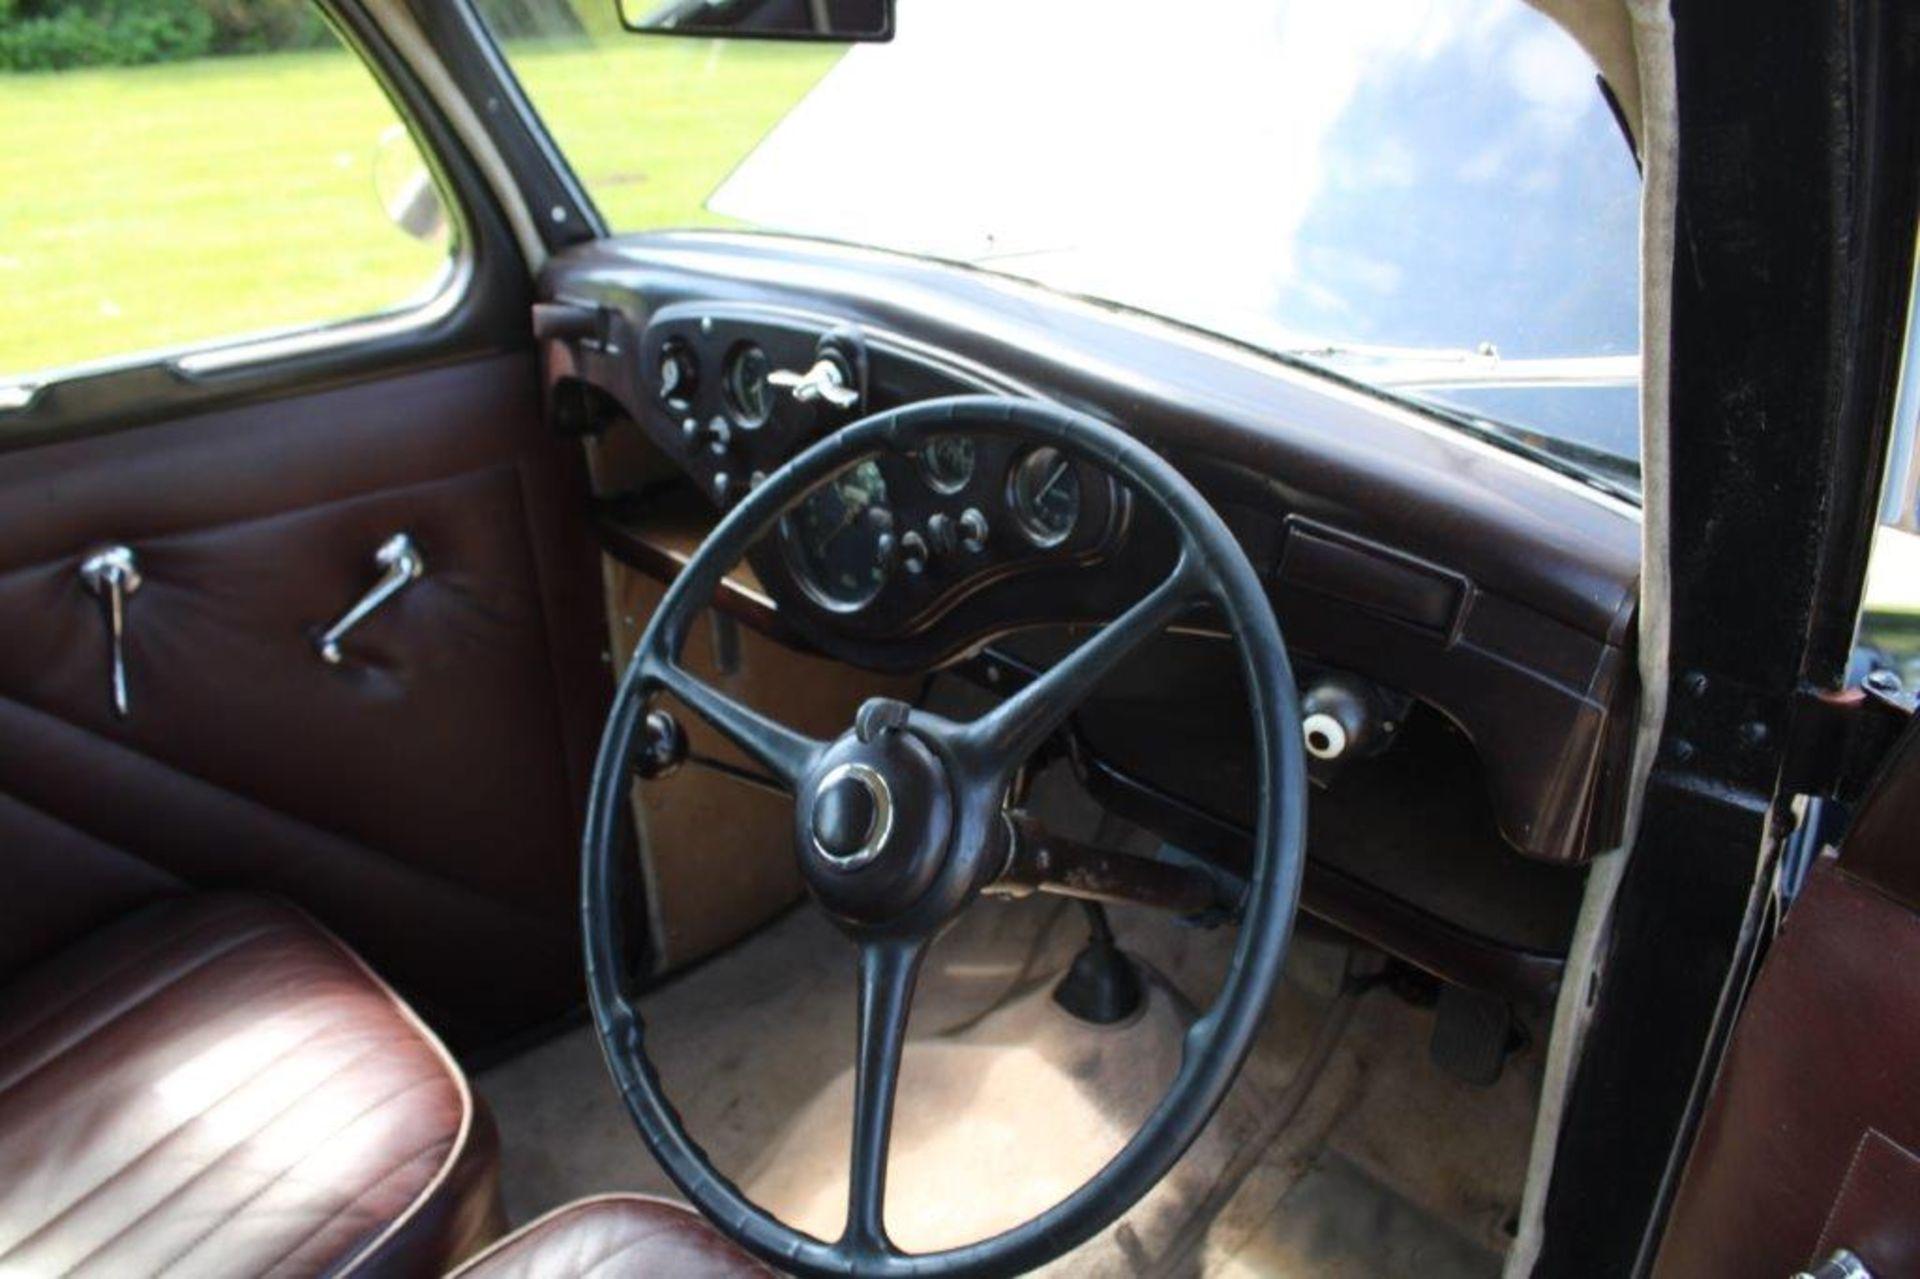 1946 Ford Prefect E93A - Image 14 of 30